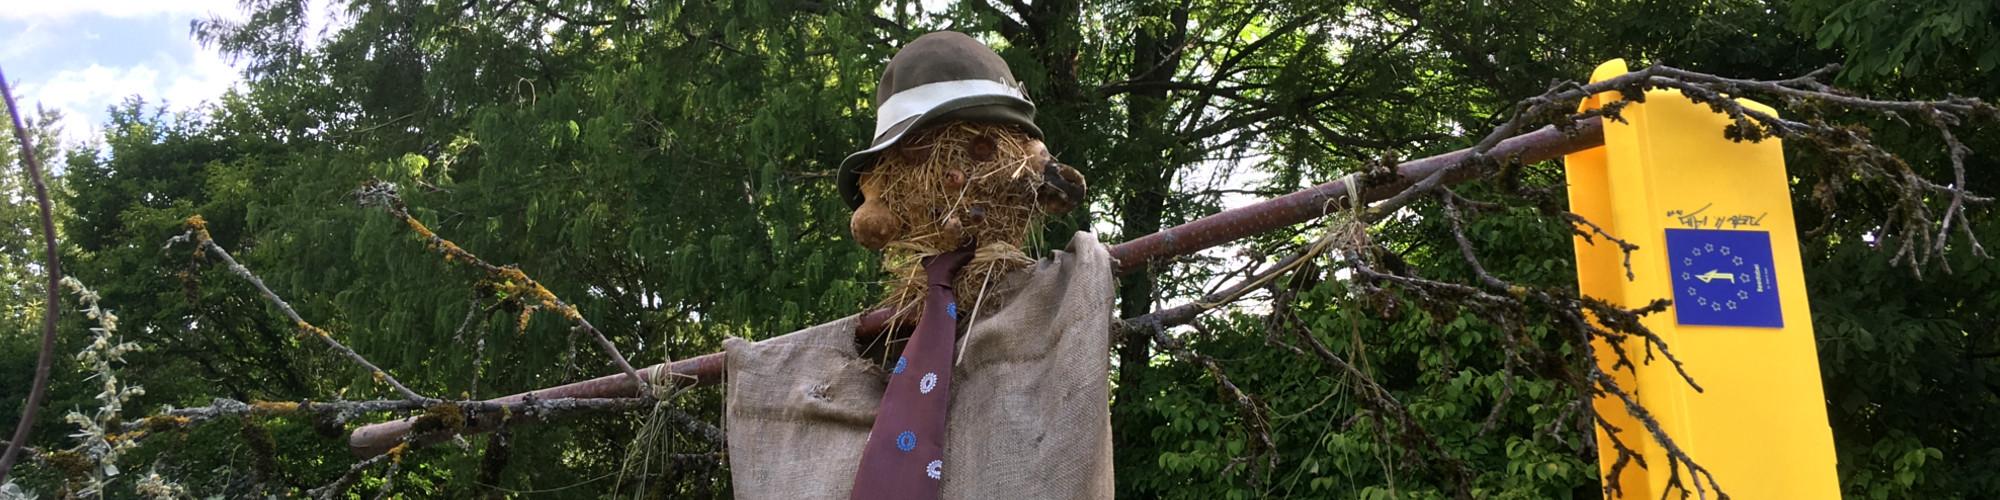 Beedabei-Vogelscheuche